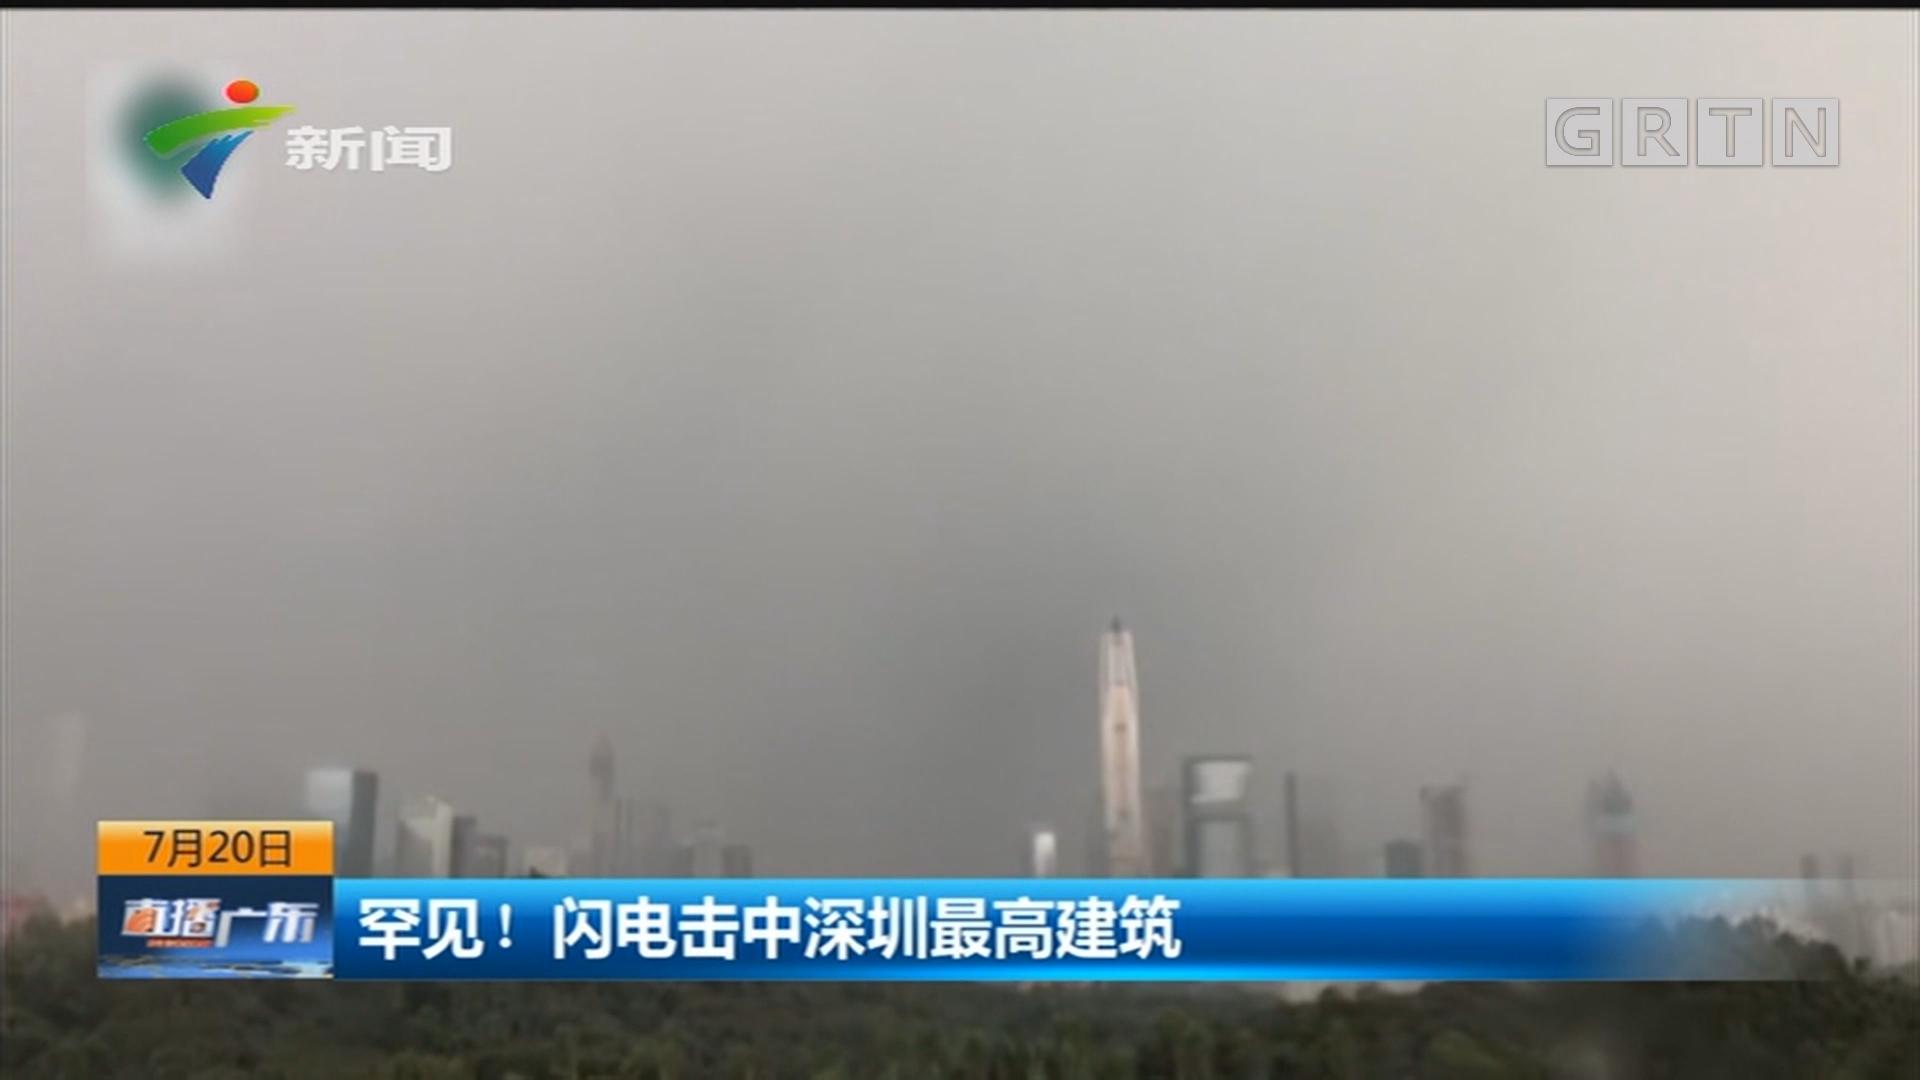 罕见!闪电击中深圳最高建筑